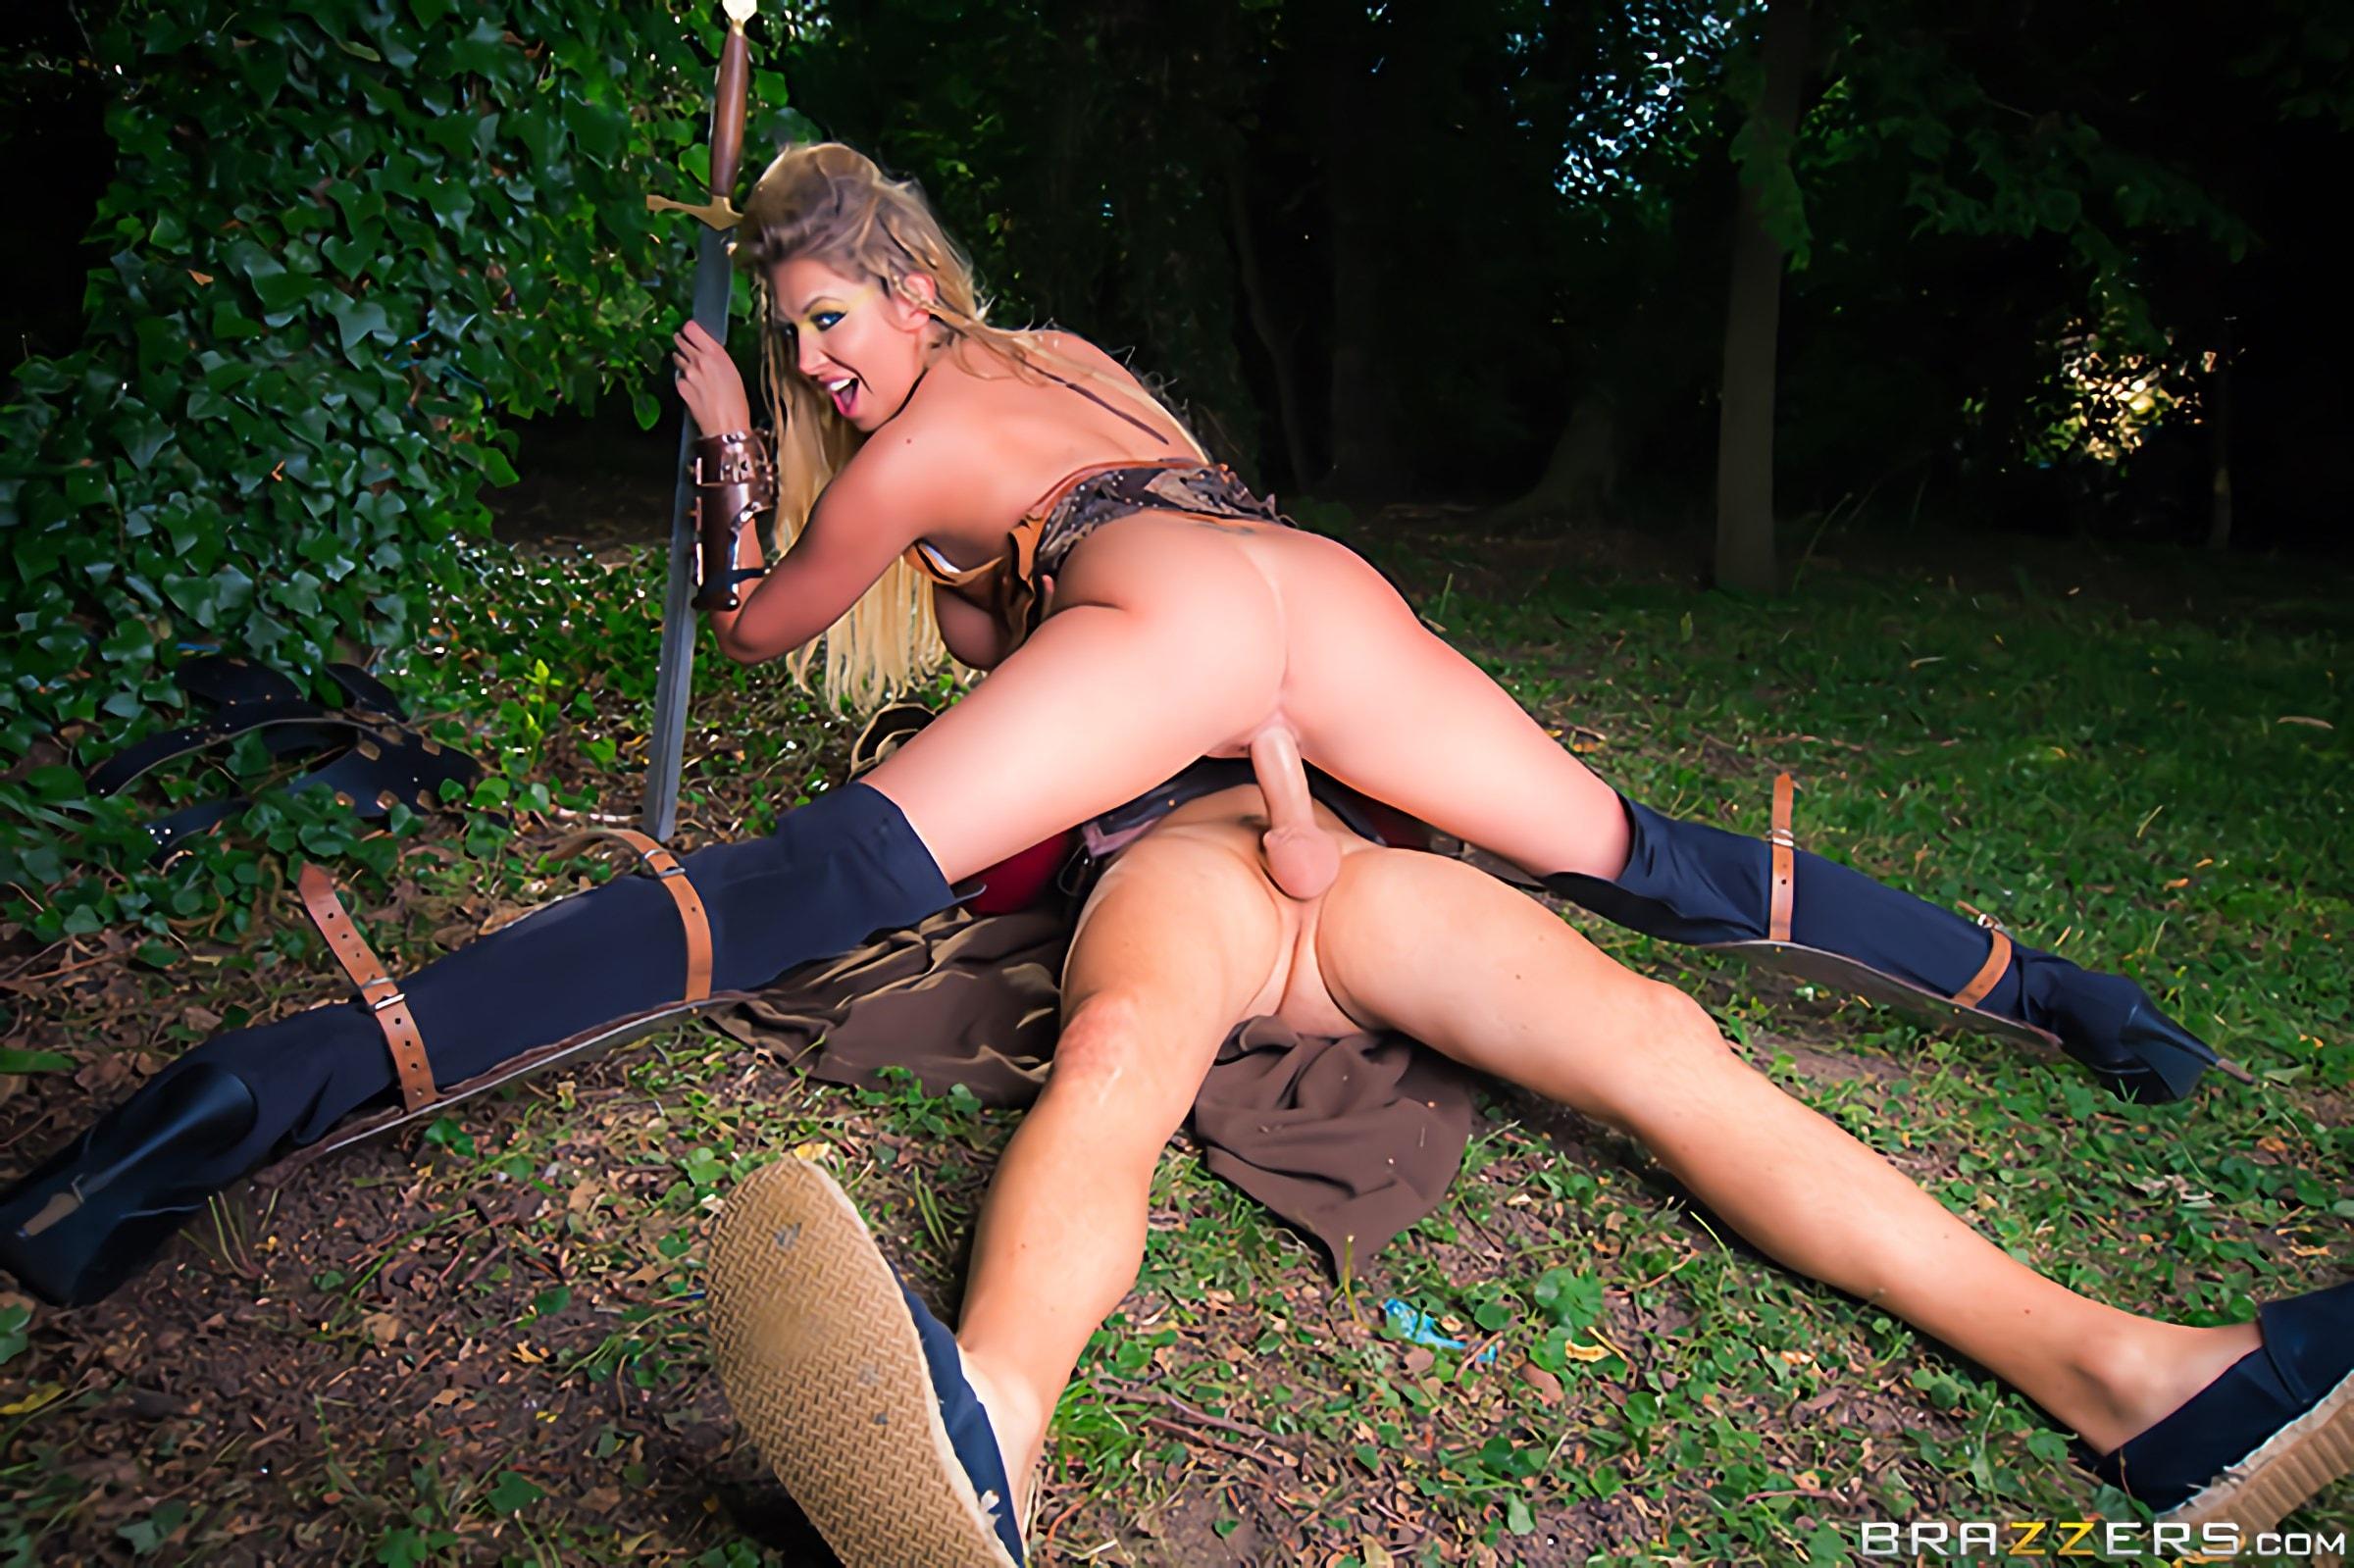 Скачать порно видео амазонки